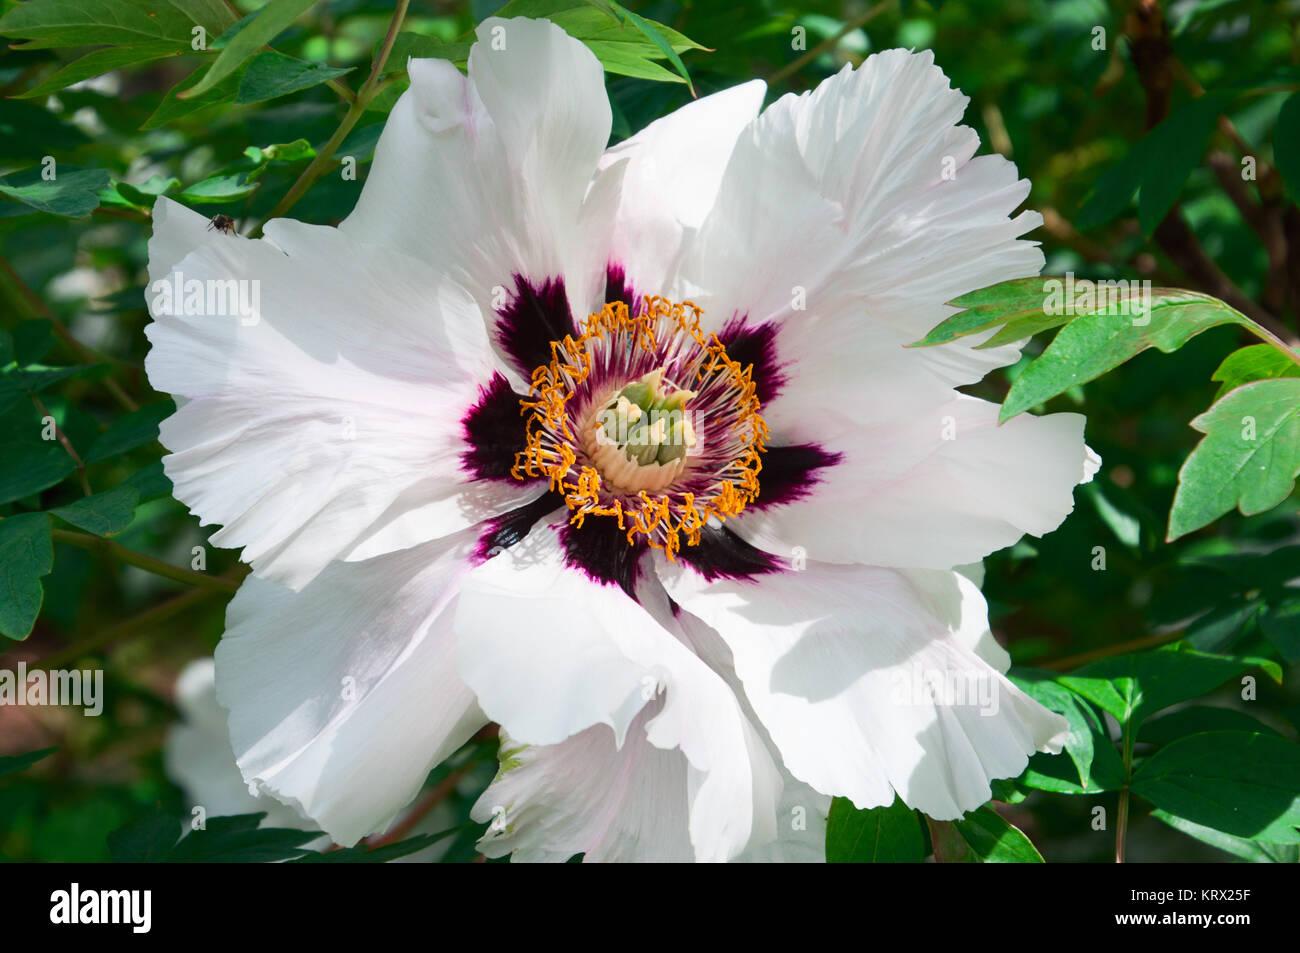 Large White Flower Peony Tree Stock Photo 169602875 Alamy